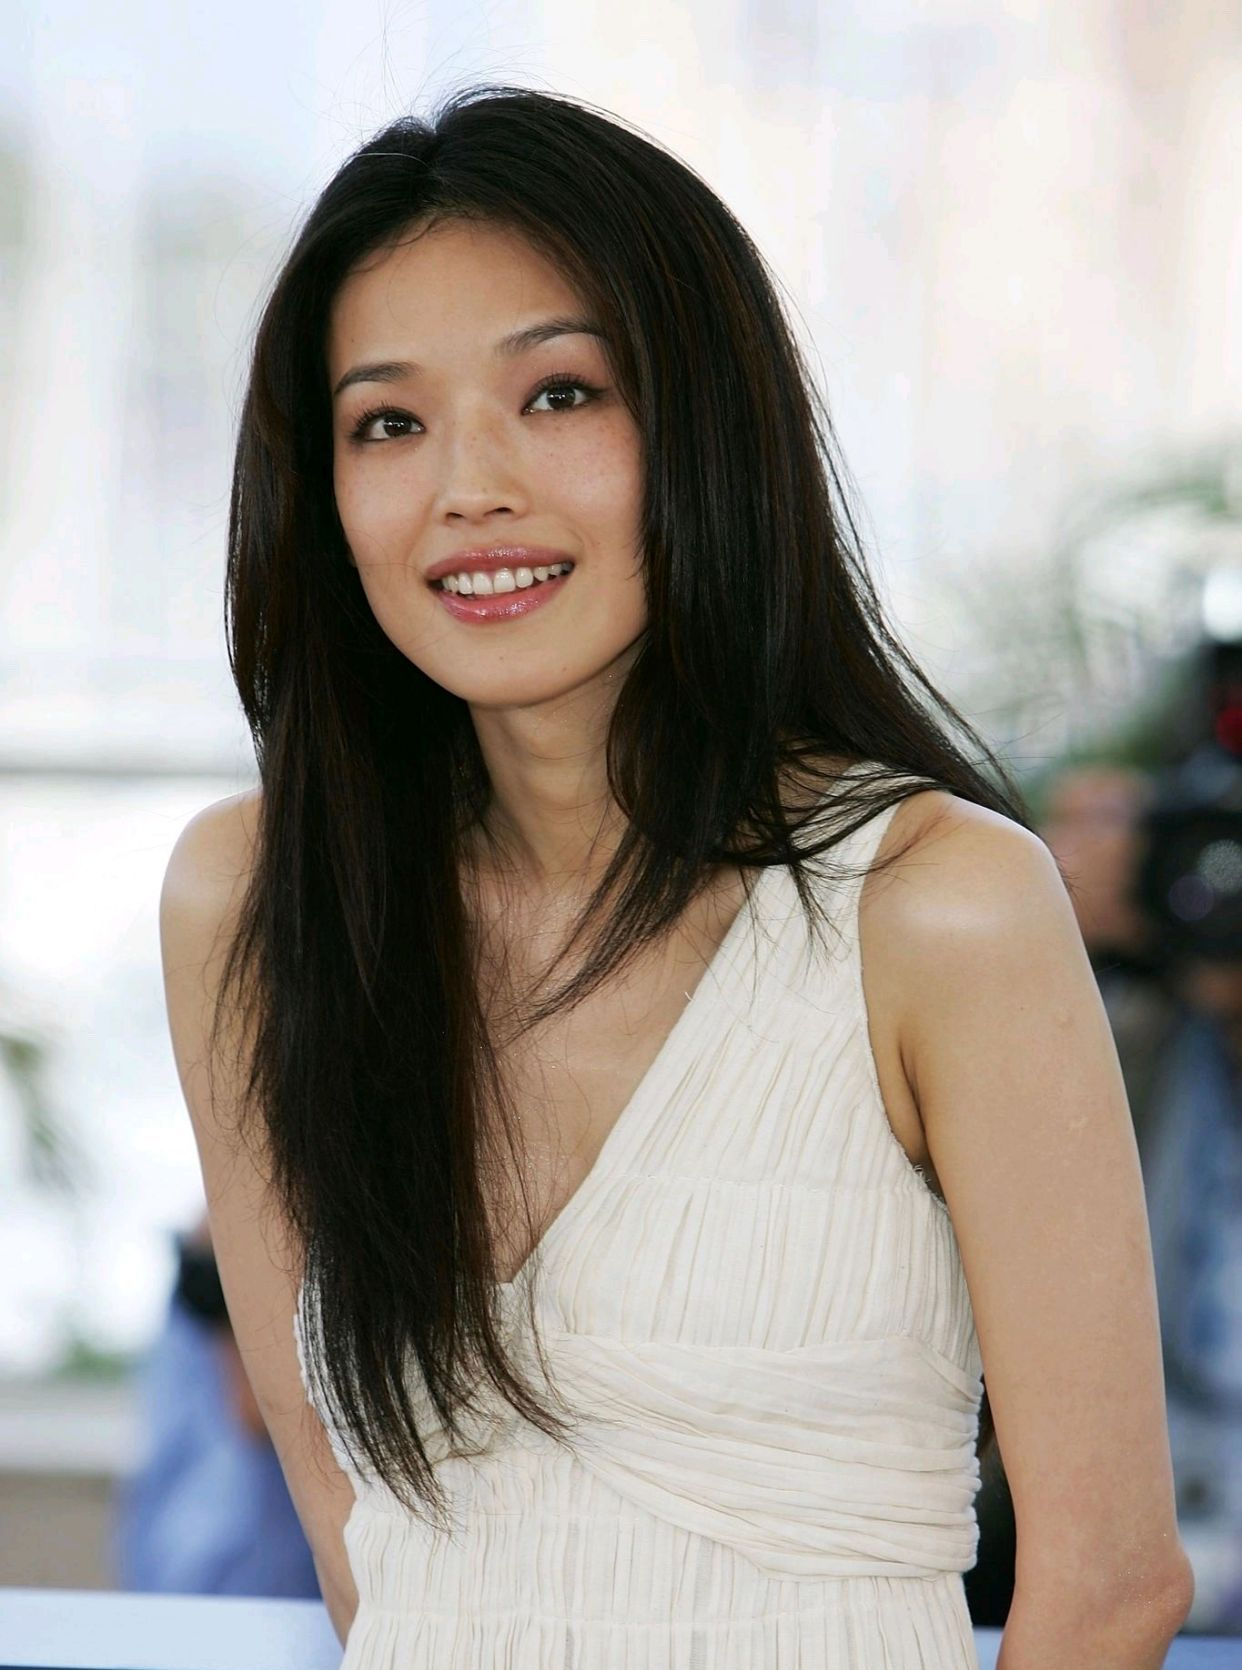 舒淇电影节时尚穿搭,米白色长裙清透优雅,妆容清透微带小烟熏